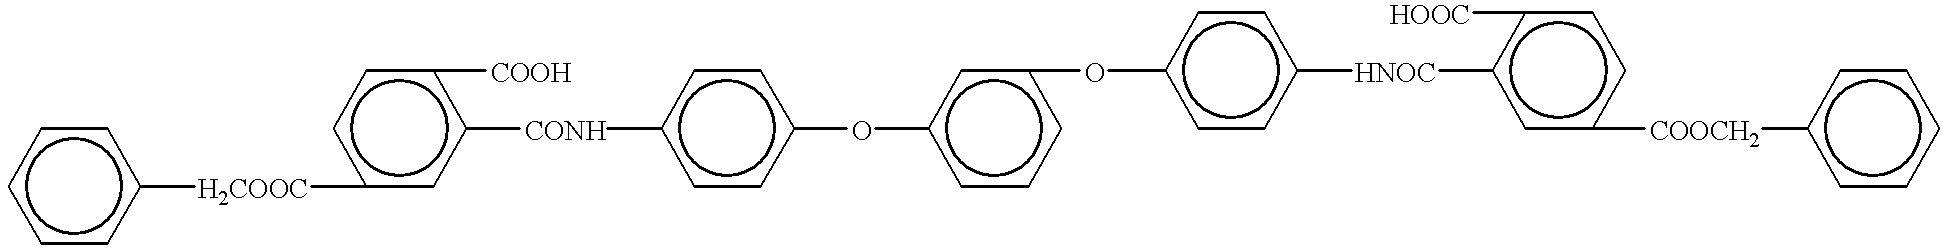 Figure US06180560-20010130-C00739